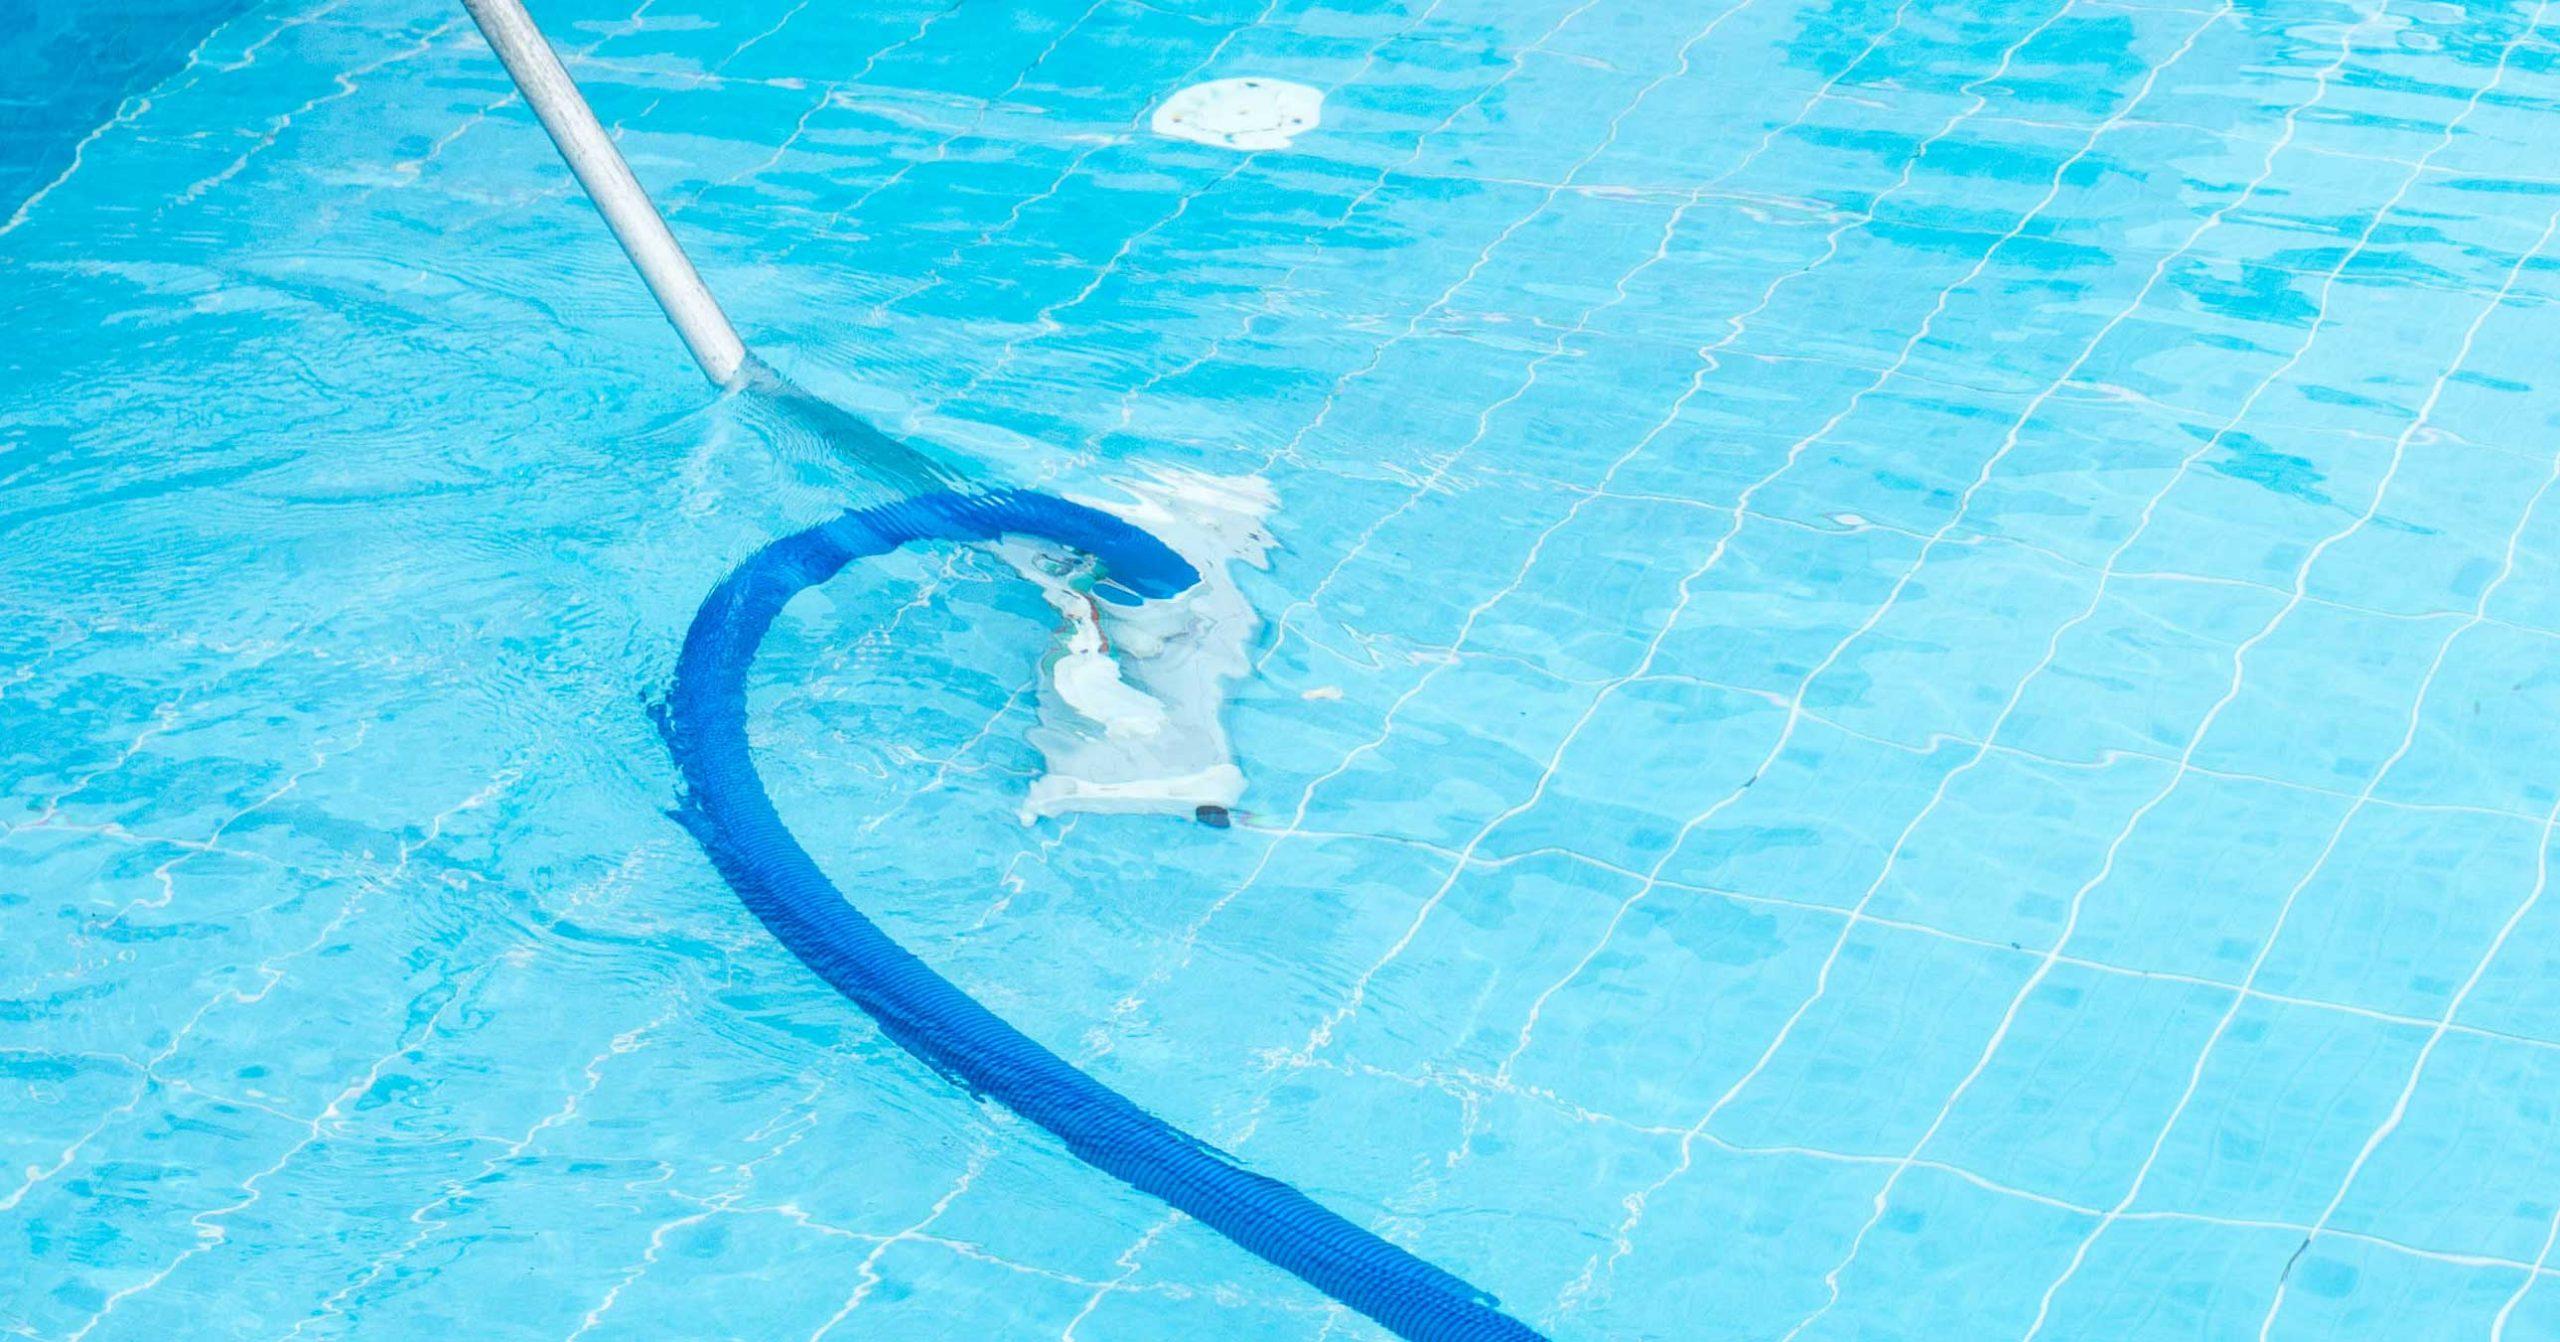 Accesorios imprescindibles para tu piscina